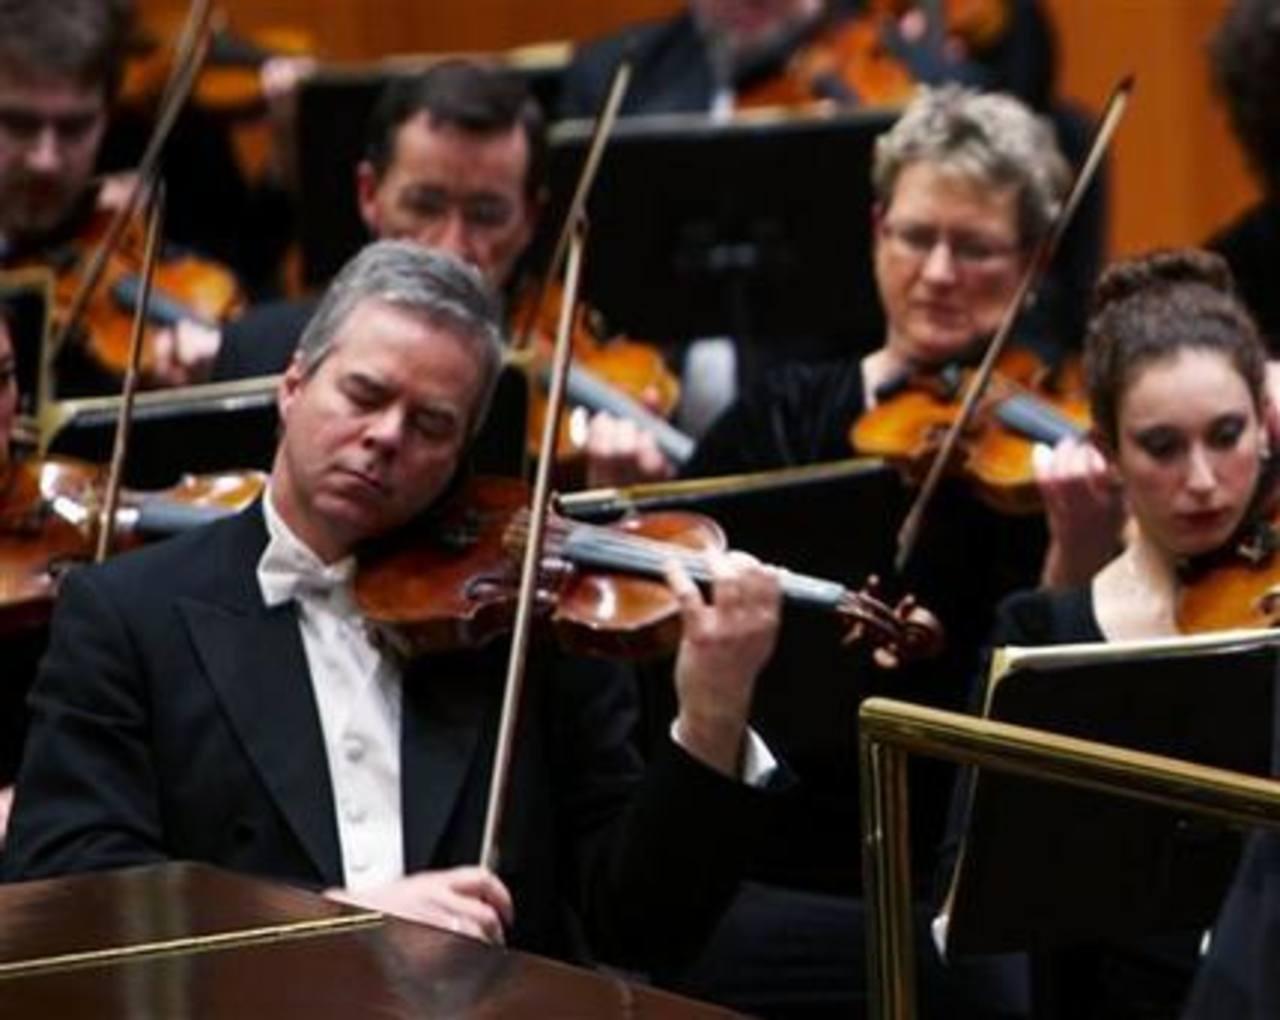 El primer violín Frank Almond, de la Orquesta Sinfónica de Milwaukee, toca un instrumento Stradivarius de hace III siglos.